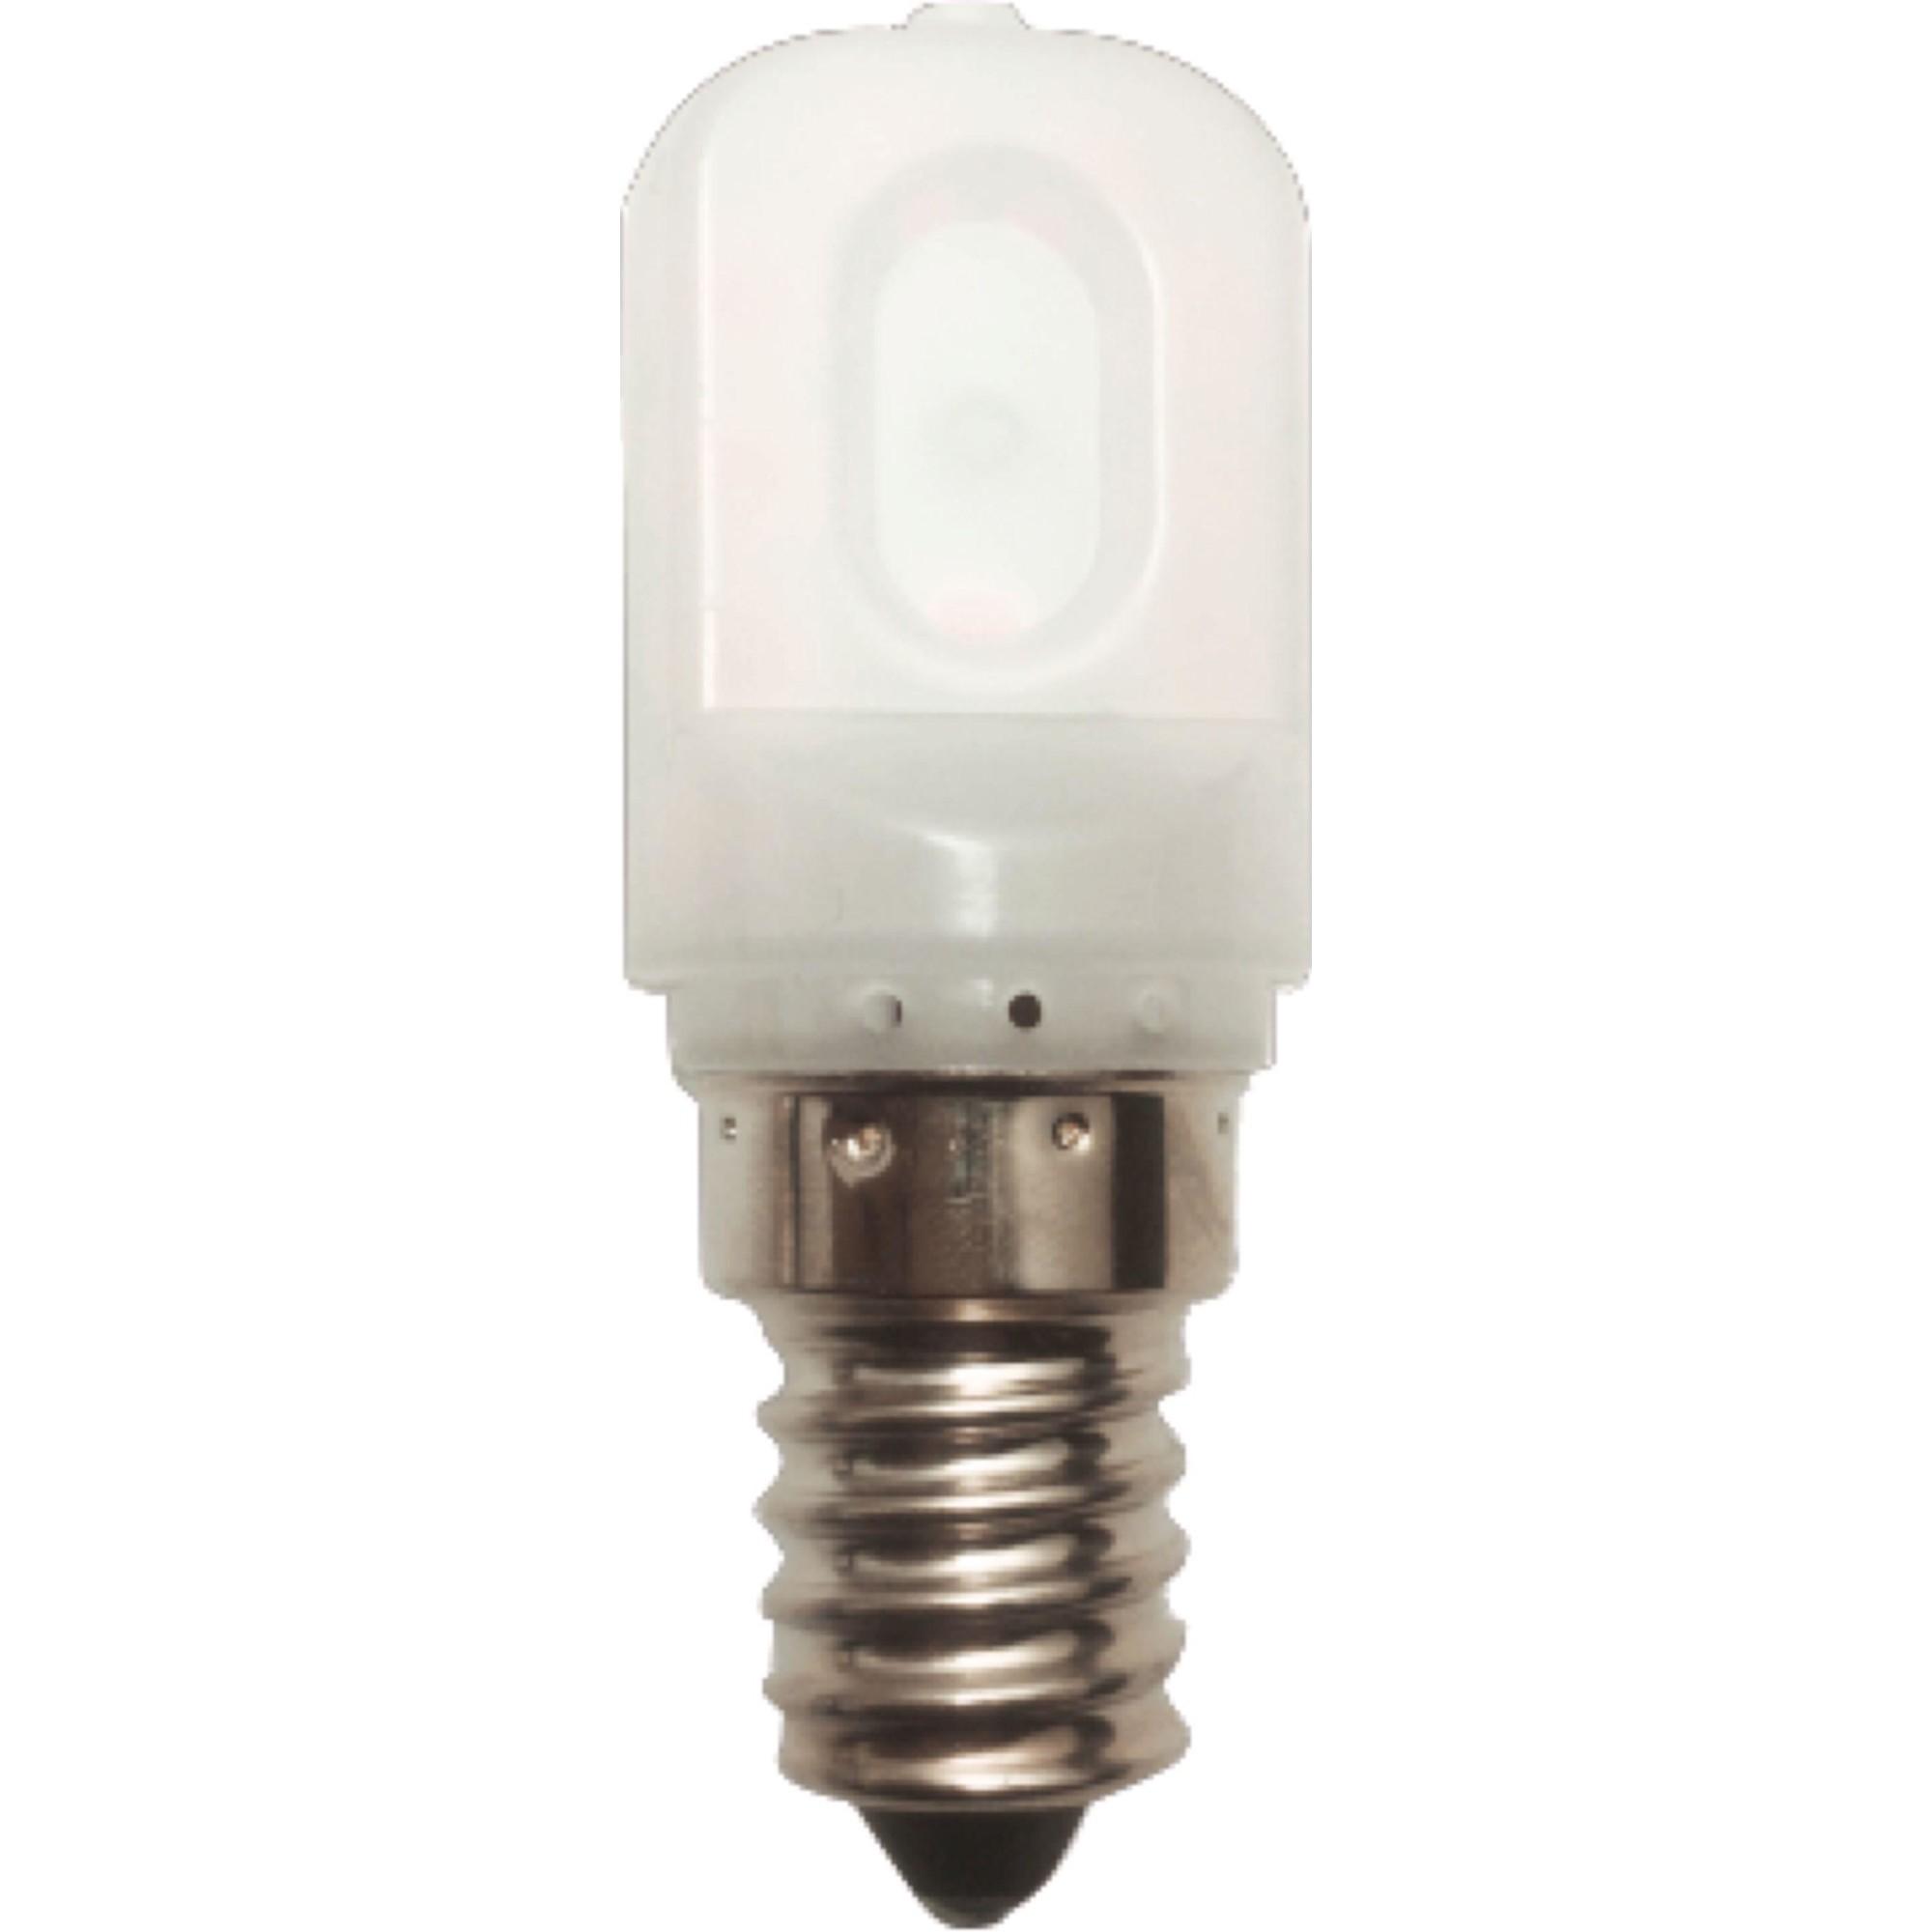 Лампа Ecola стандарт светодионая E14 4.50 Вт 360 Лм нейтральный свет